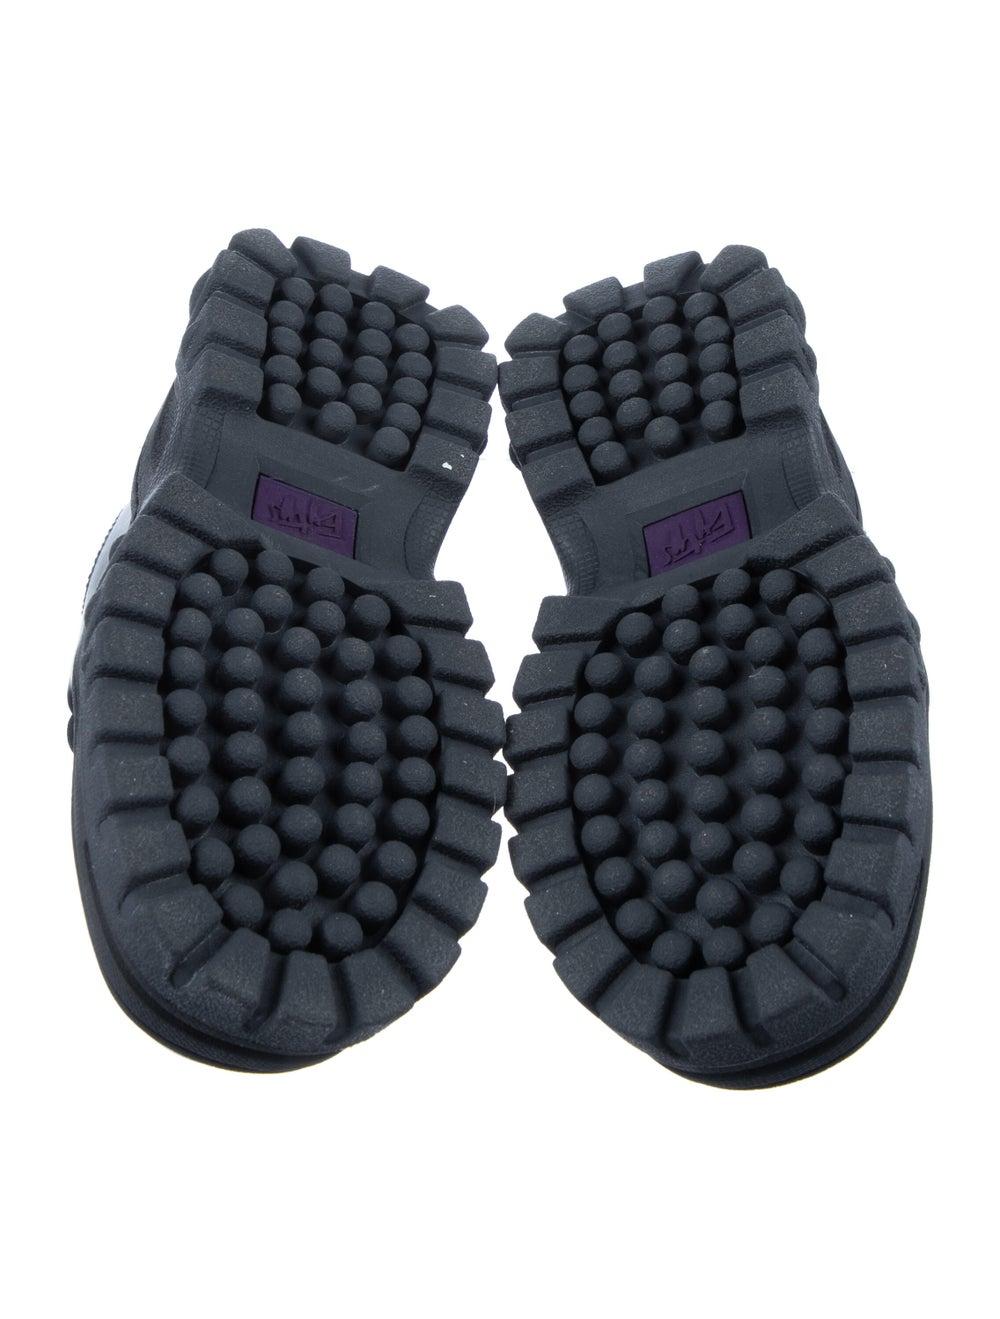 Eytys Angel Chunky Sneakers Black - image 5